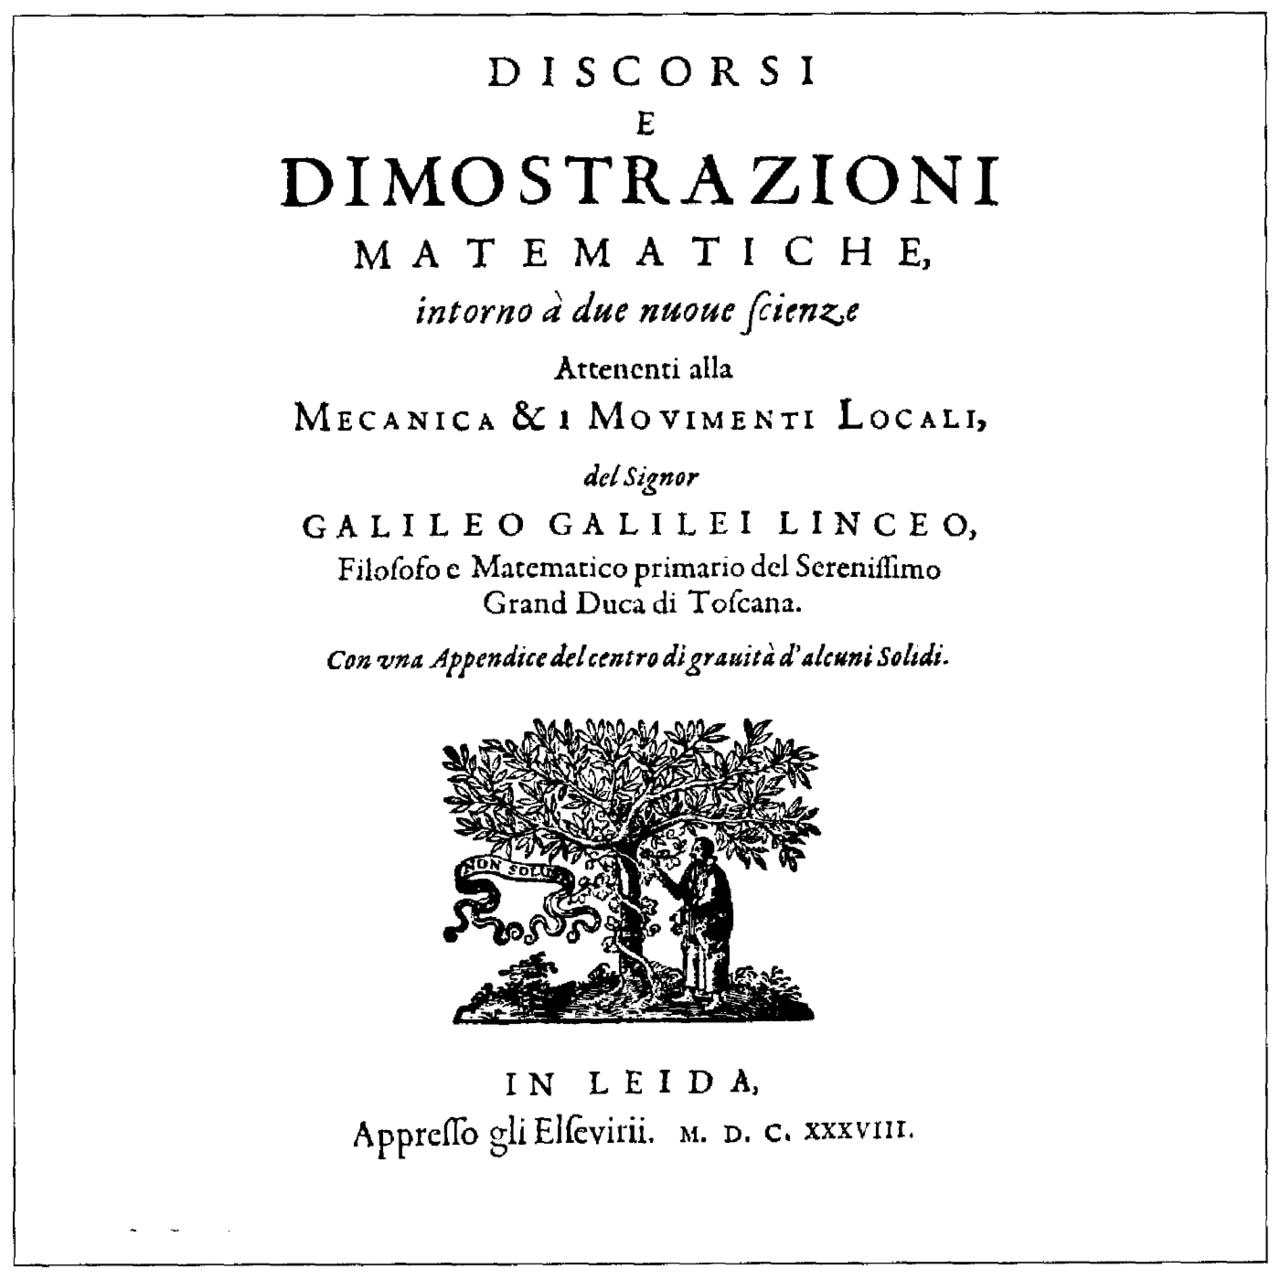 Galileo_Galilei,_Discorsi_e_Dimostrazioni_Matematiche_Intorno_a_Due_Nuove_Scienze,_1638_(1400x1400)